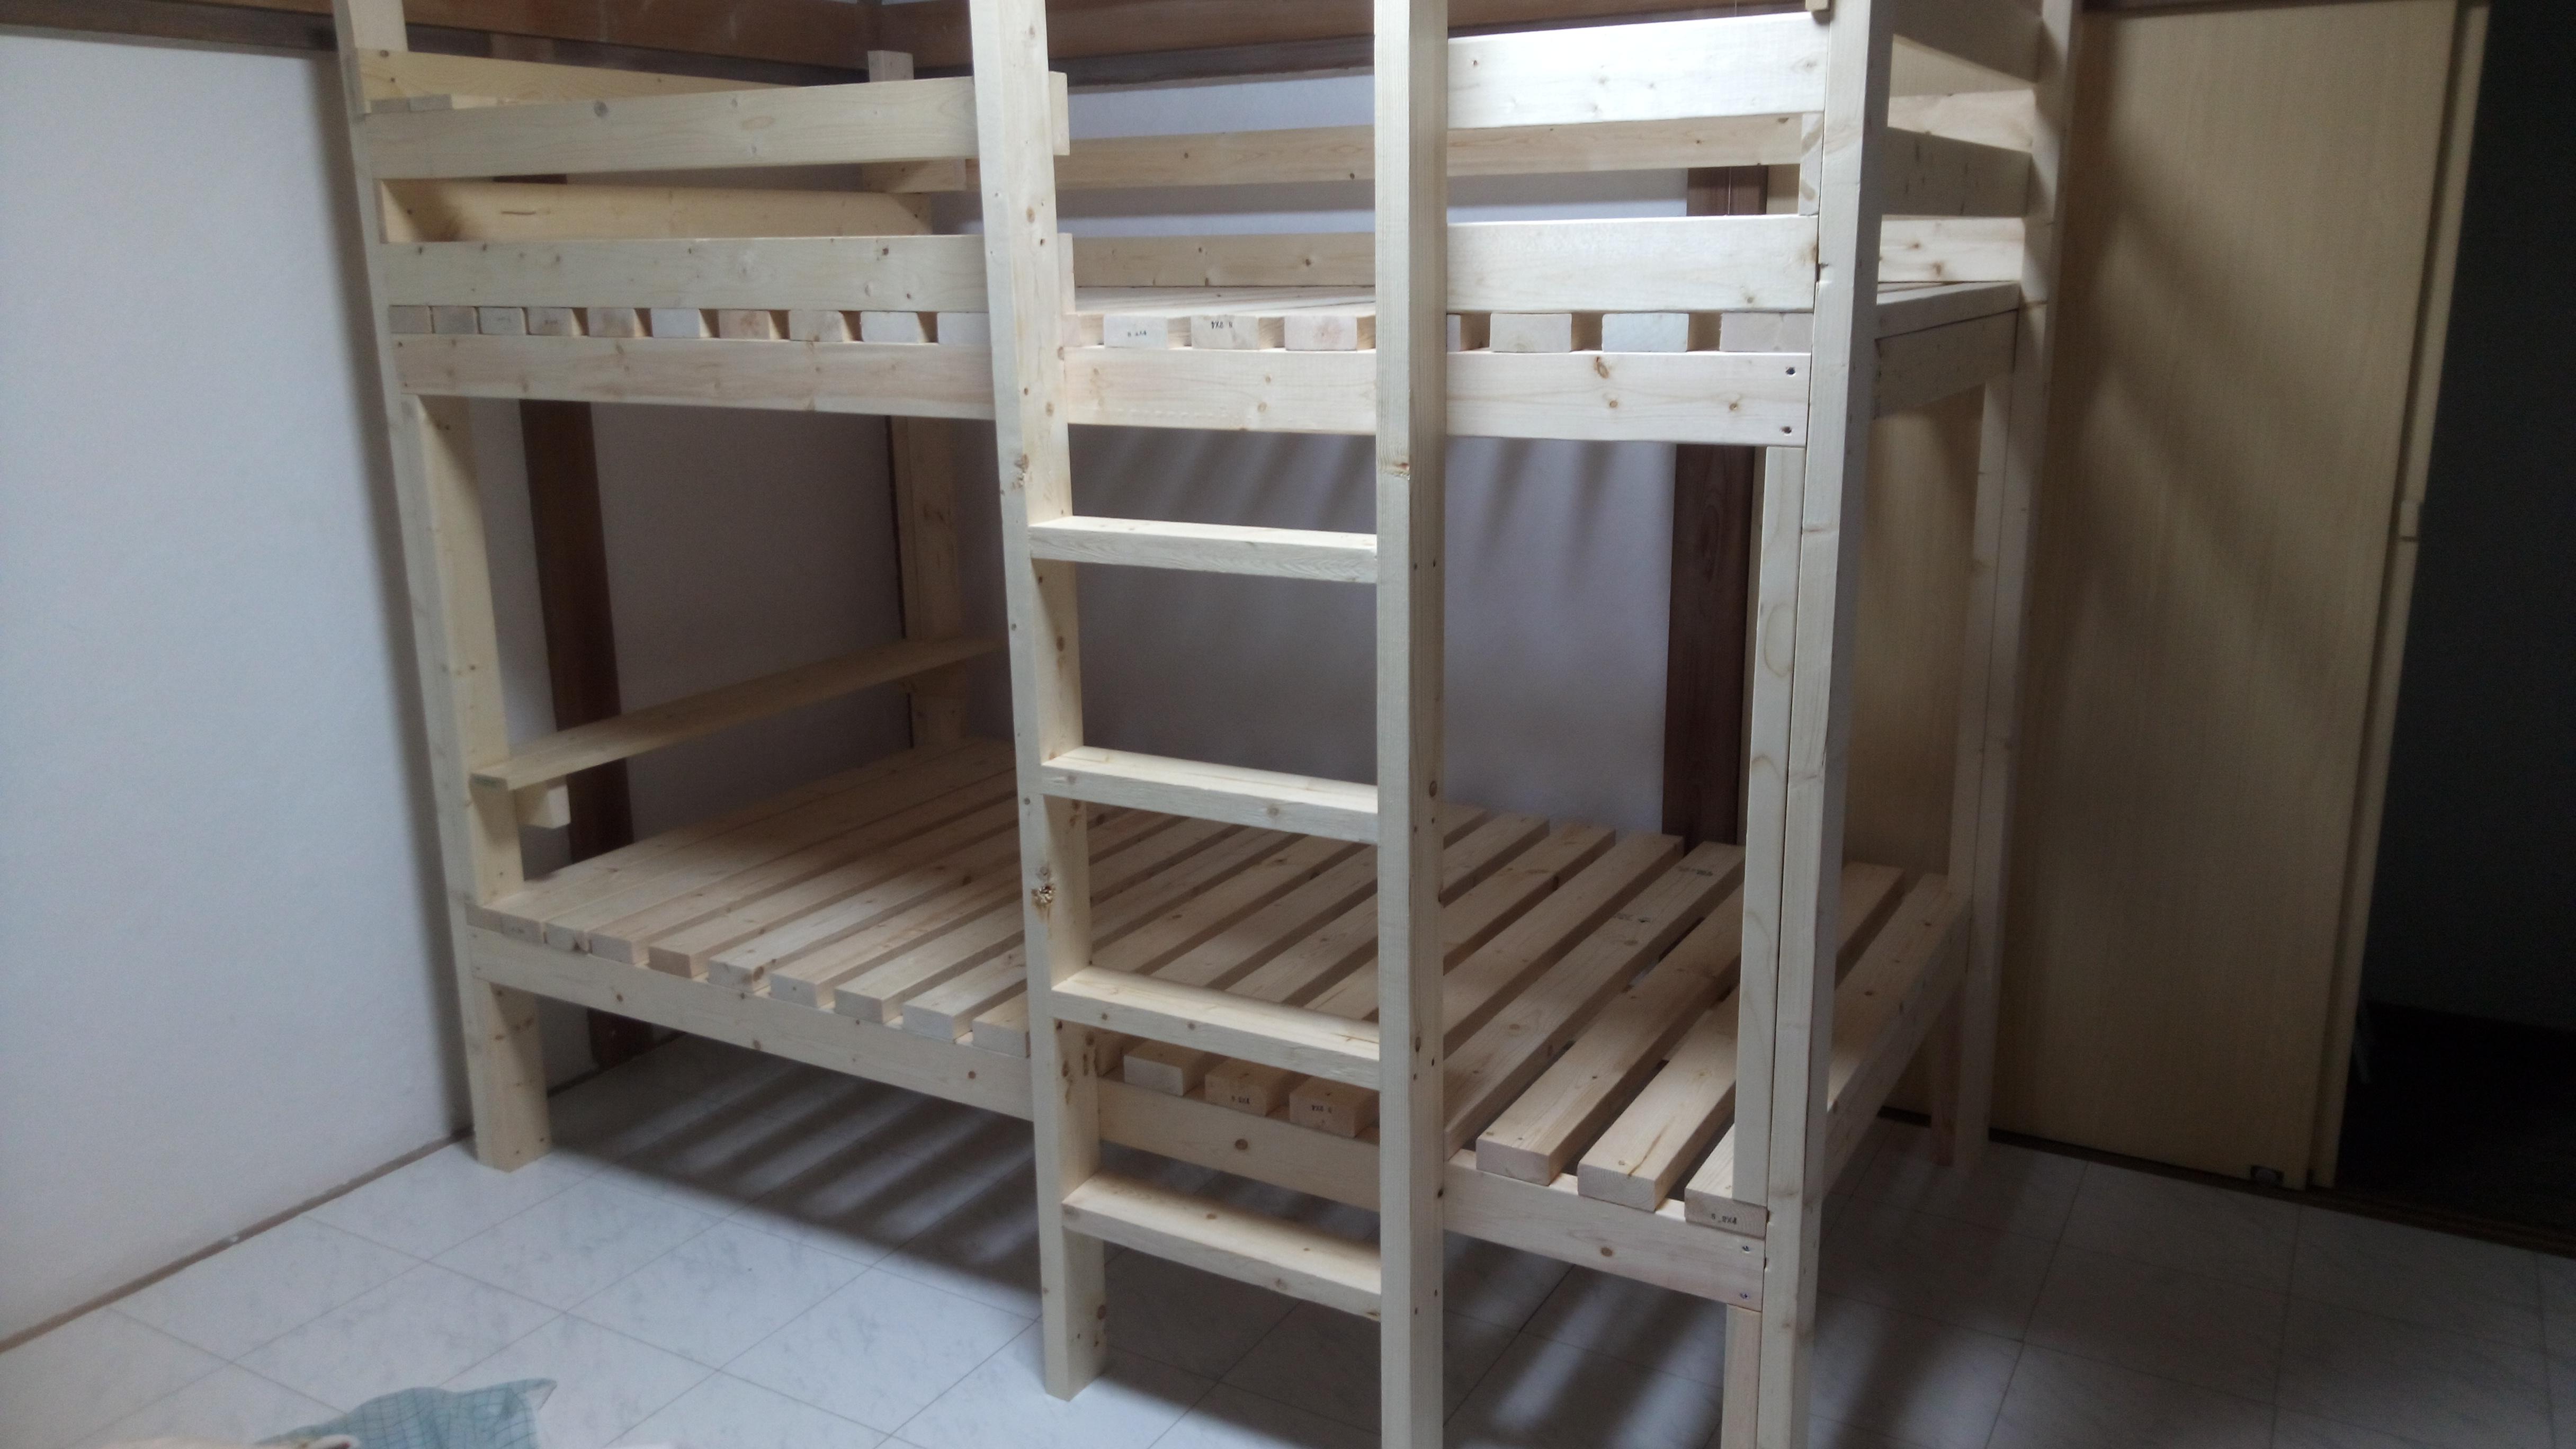 簡単技術のDIY、2万円予算で作るセミダブル2段ベッド | 私たちはどう